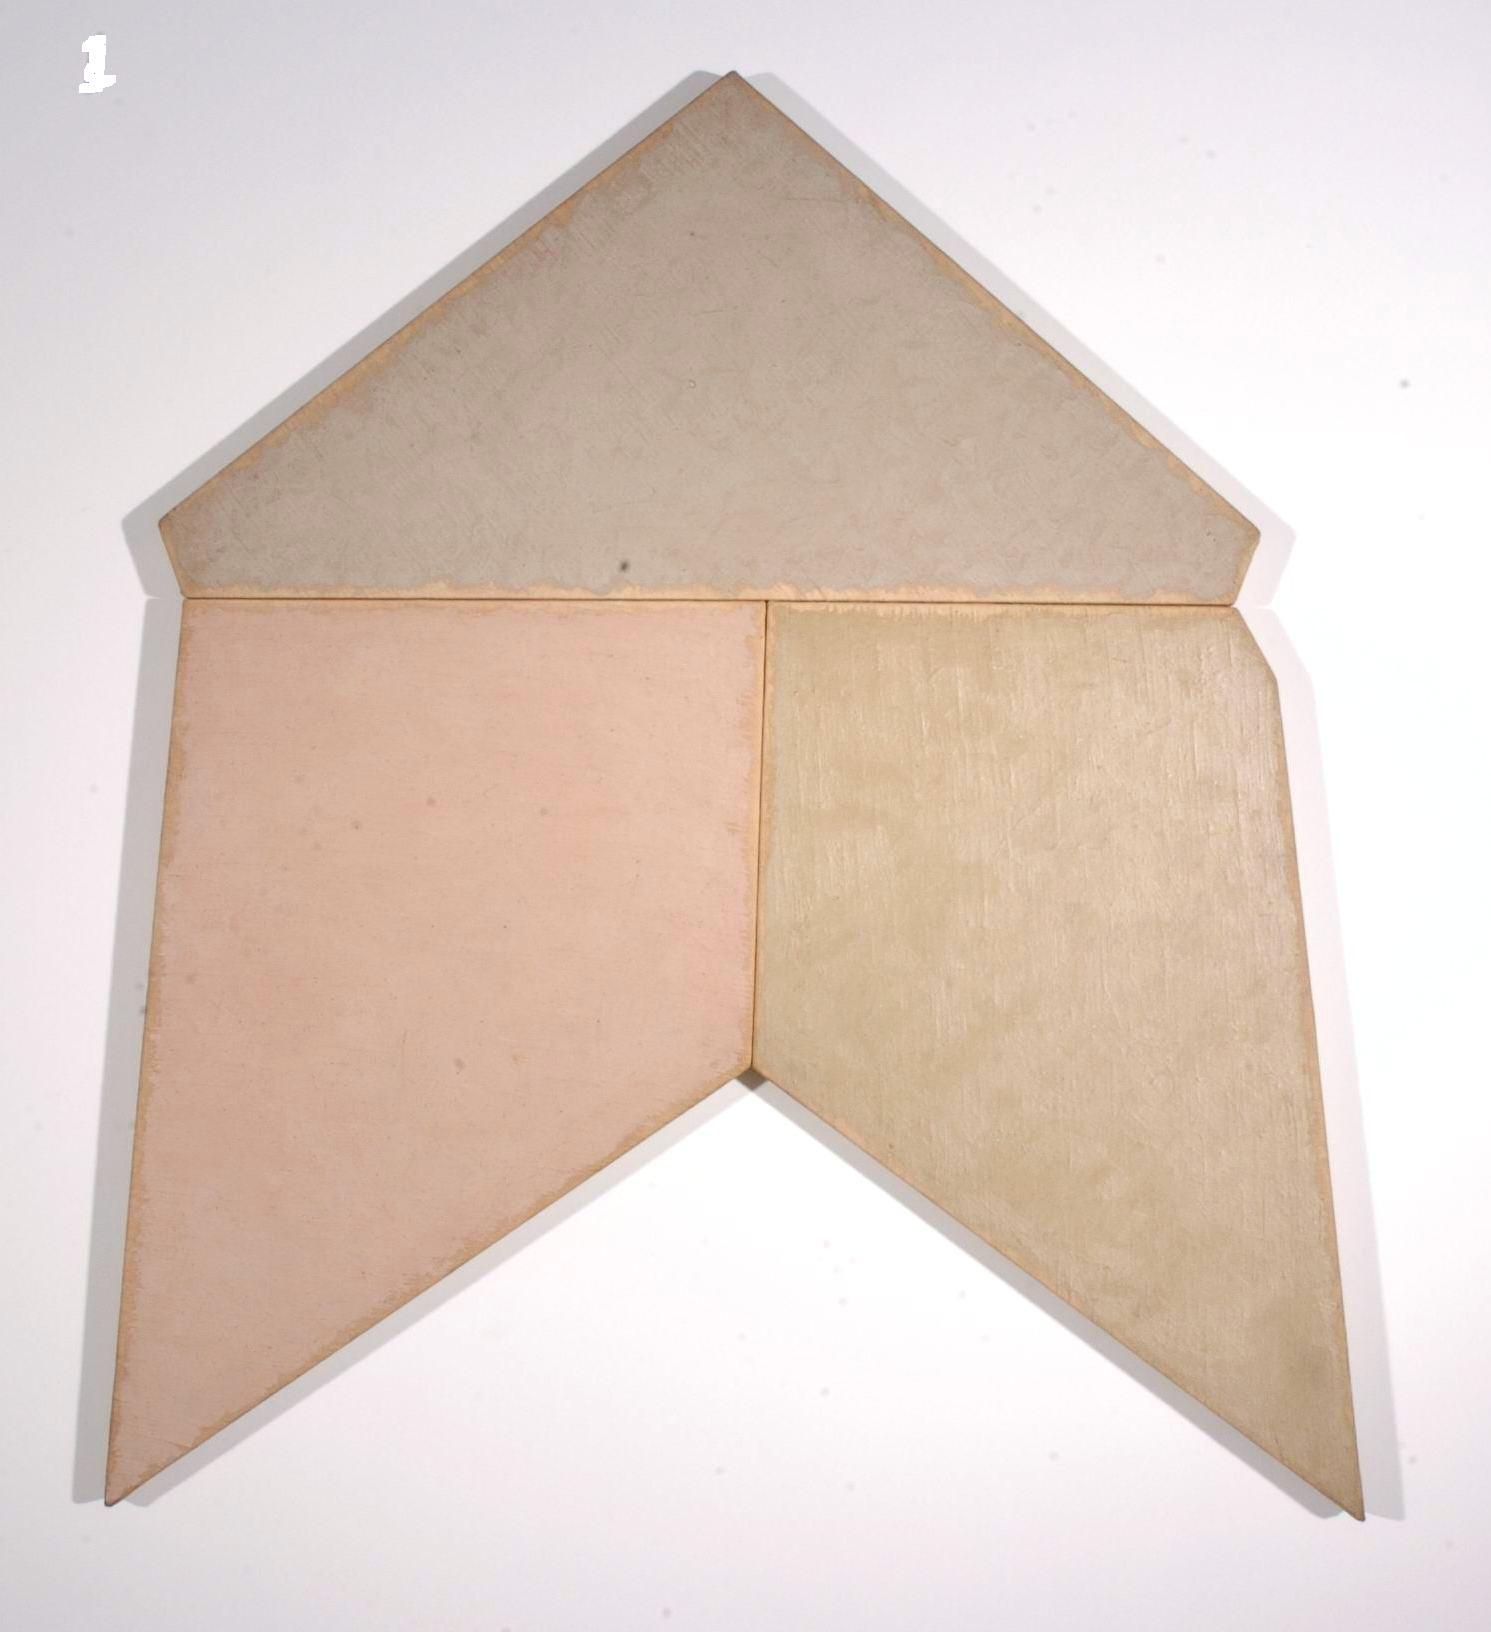 33.1984-000x000 cm